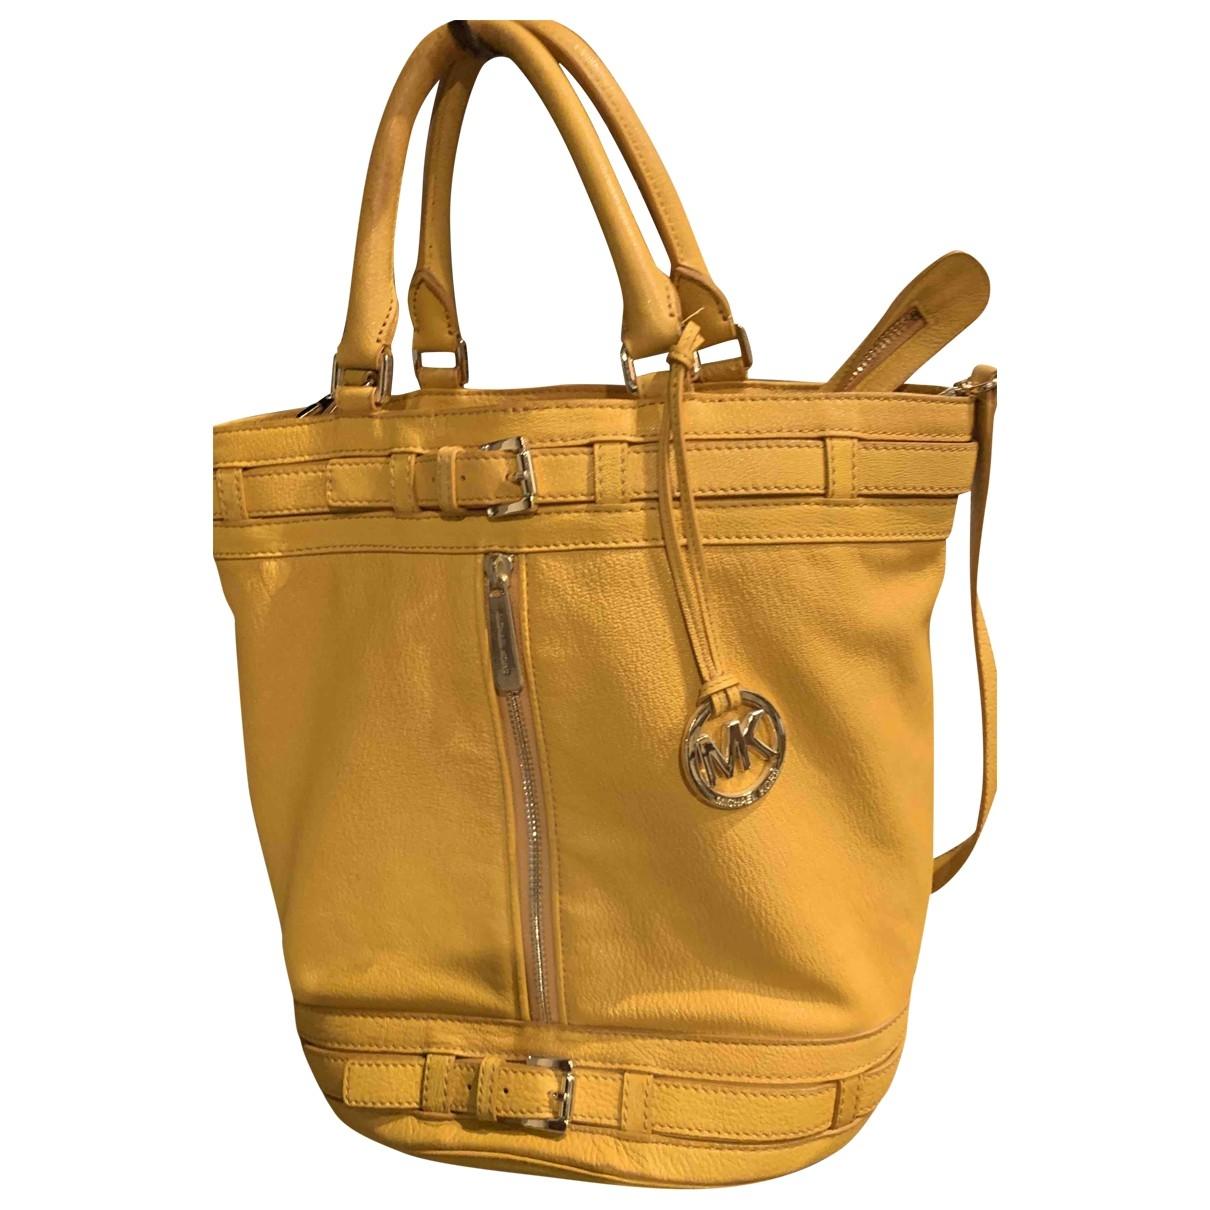 Michael Kors - Sac a main   pour femme en cuir - jaune